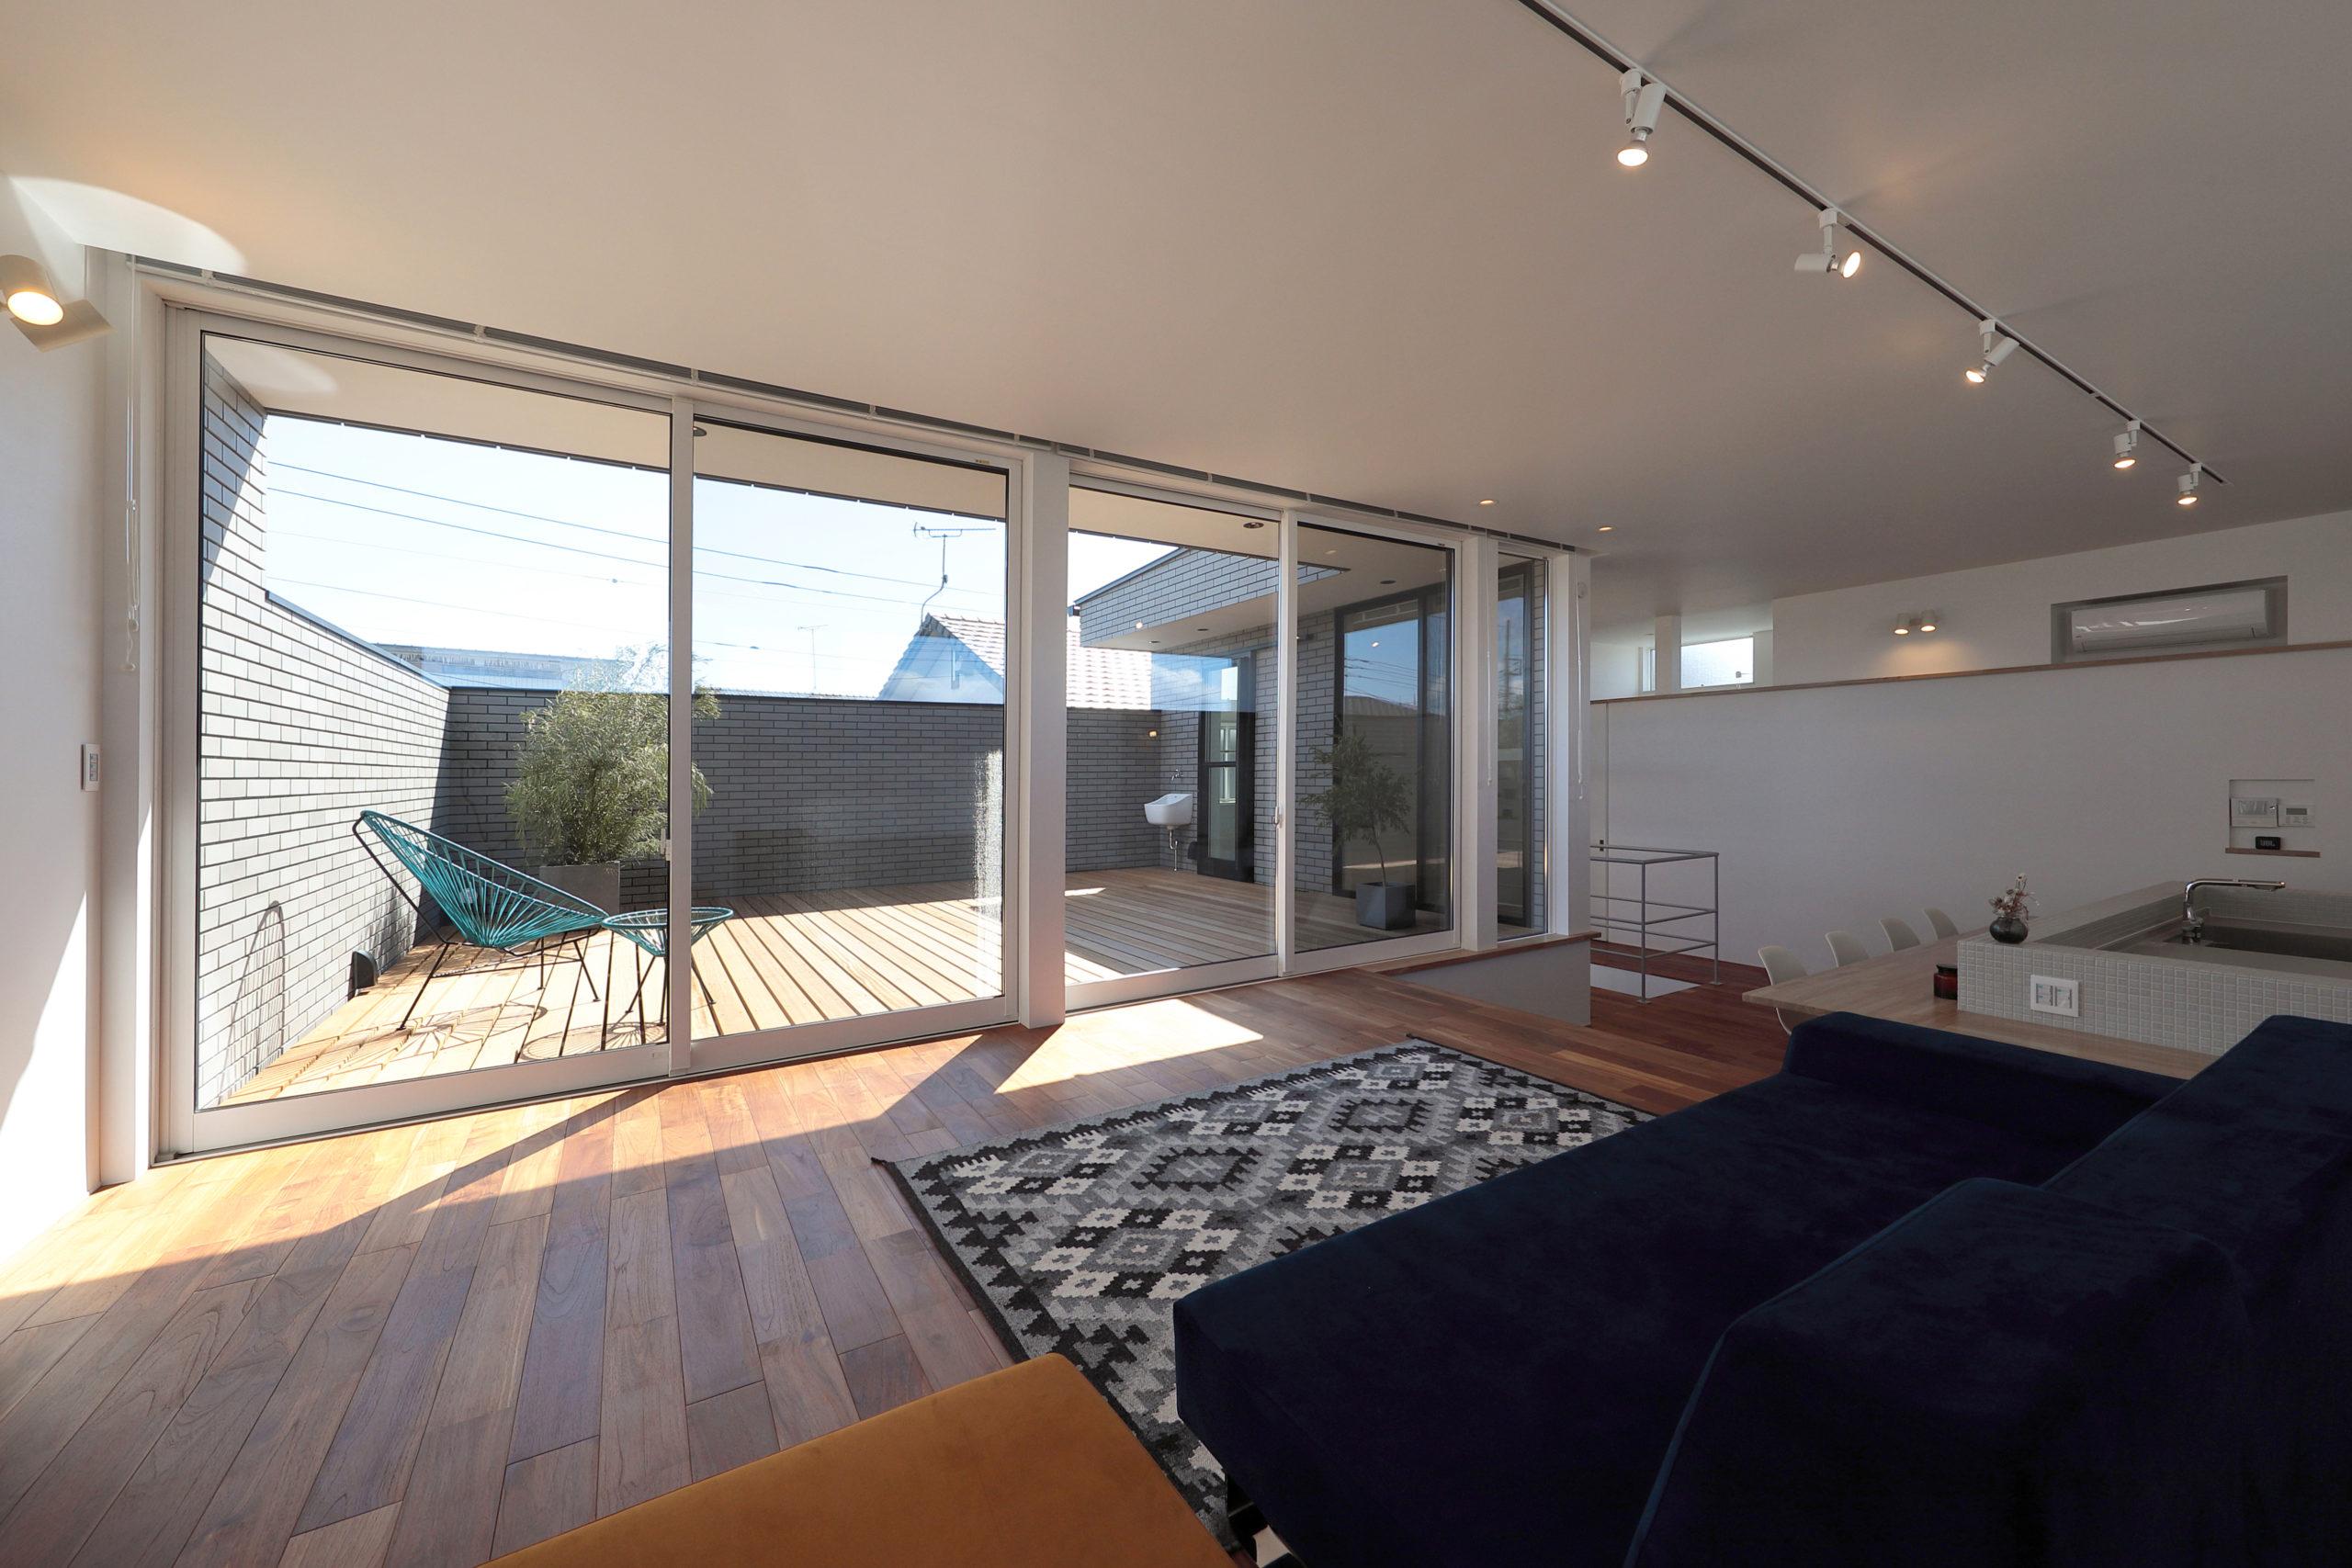 バルコニーを眺む、カーテンのいらない大間口で開放的な暮らしを実現